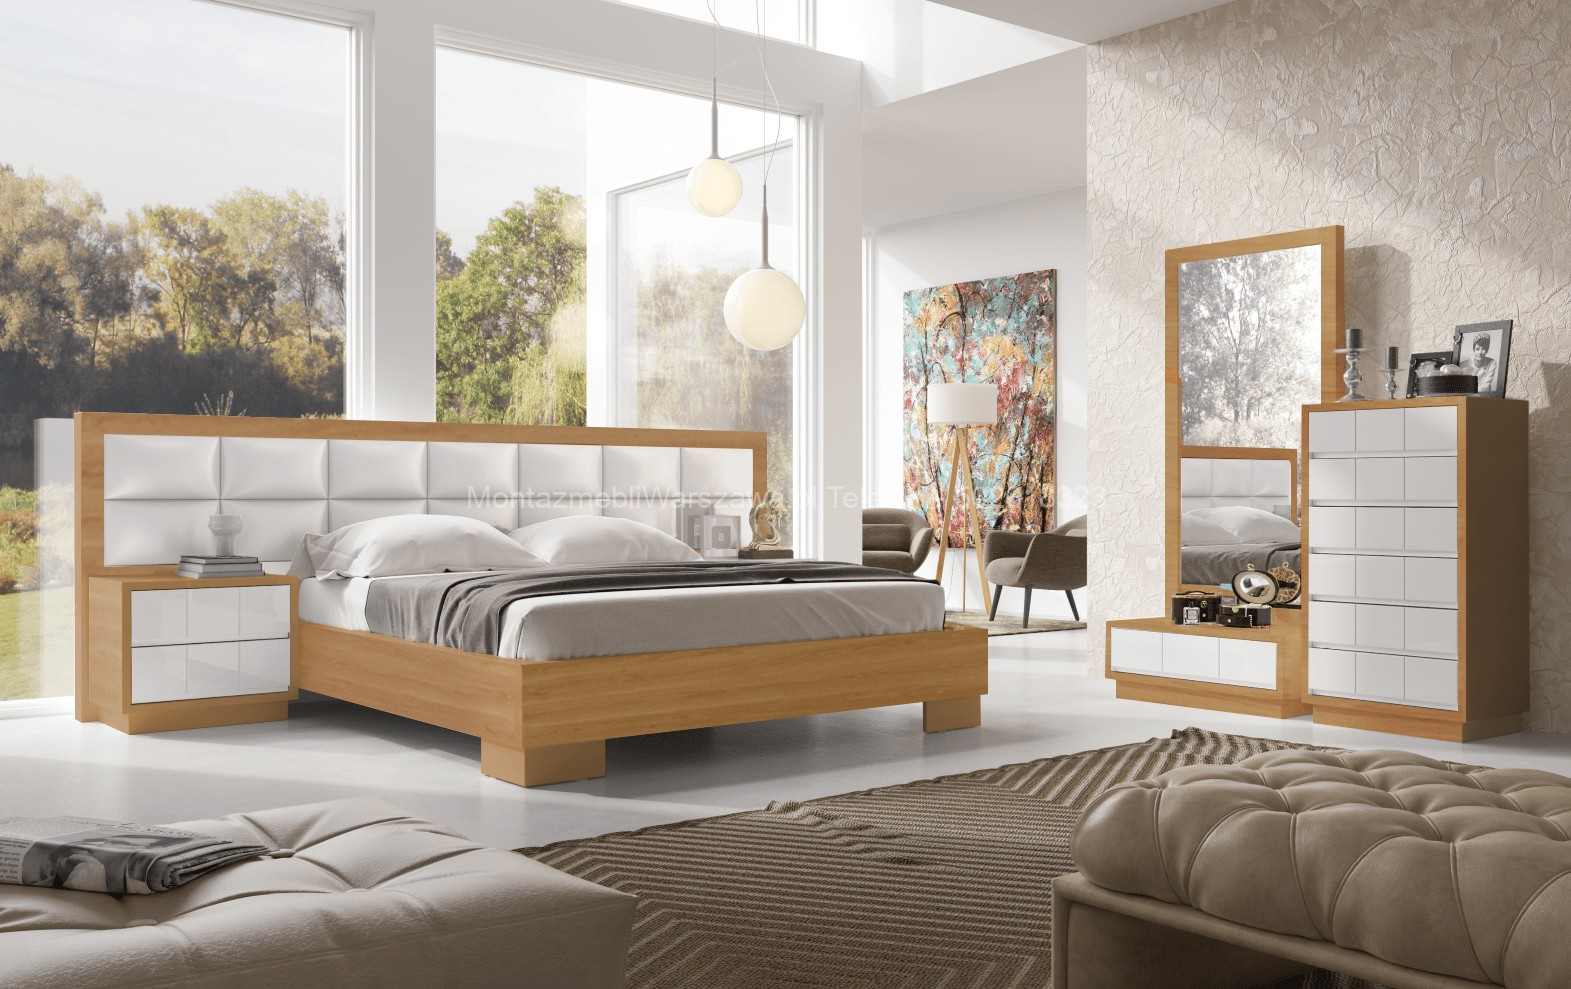 warszawa montaż łóż